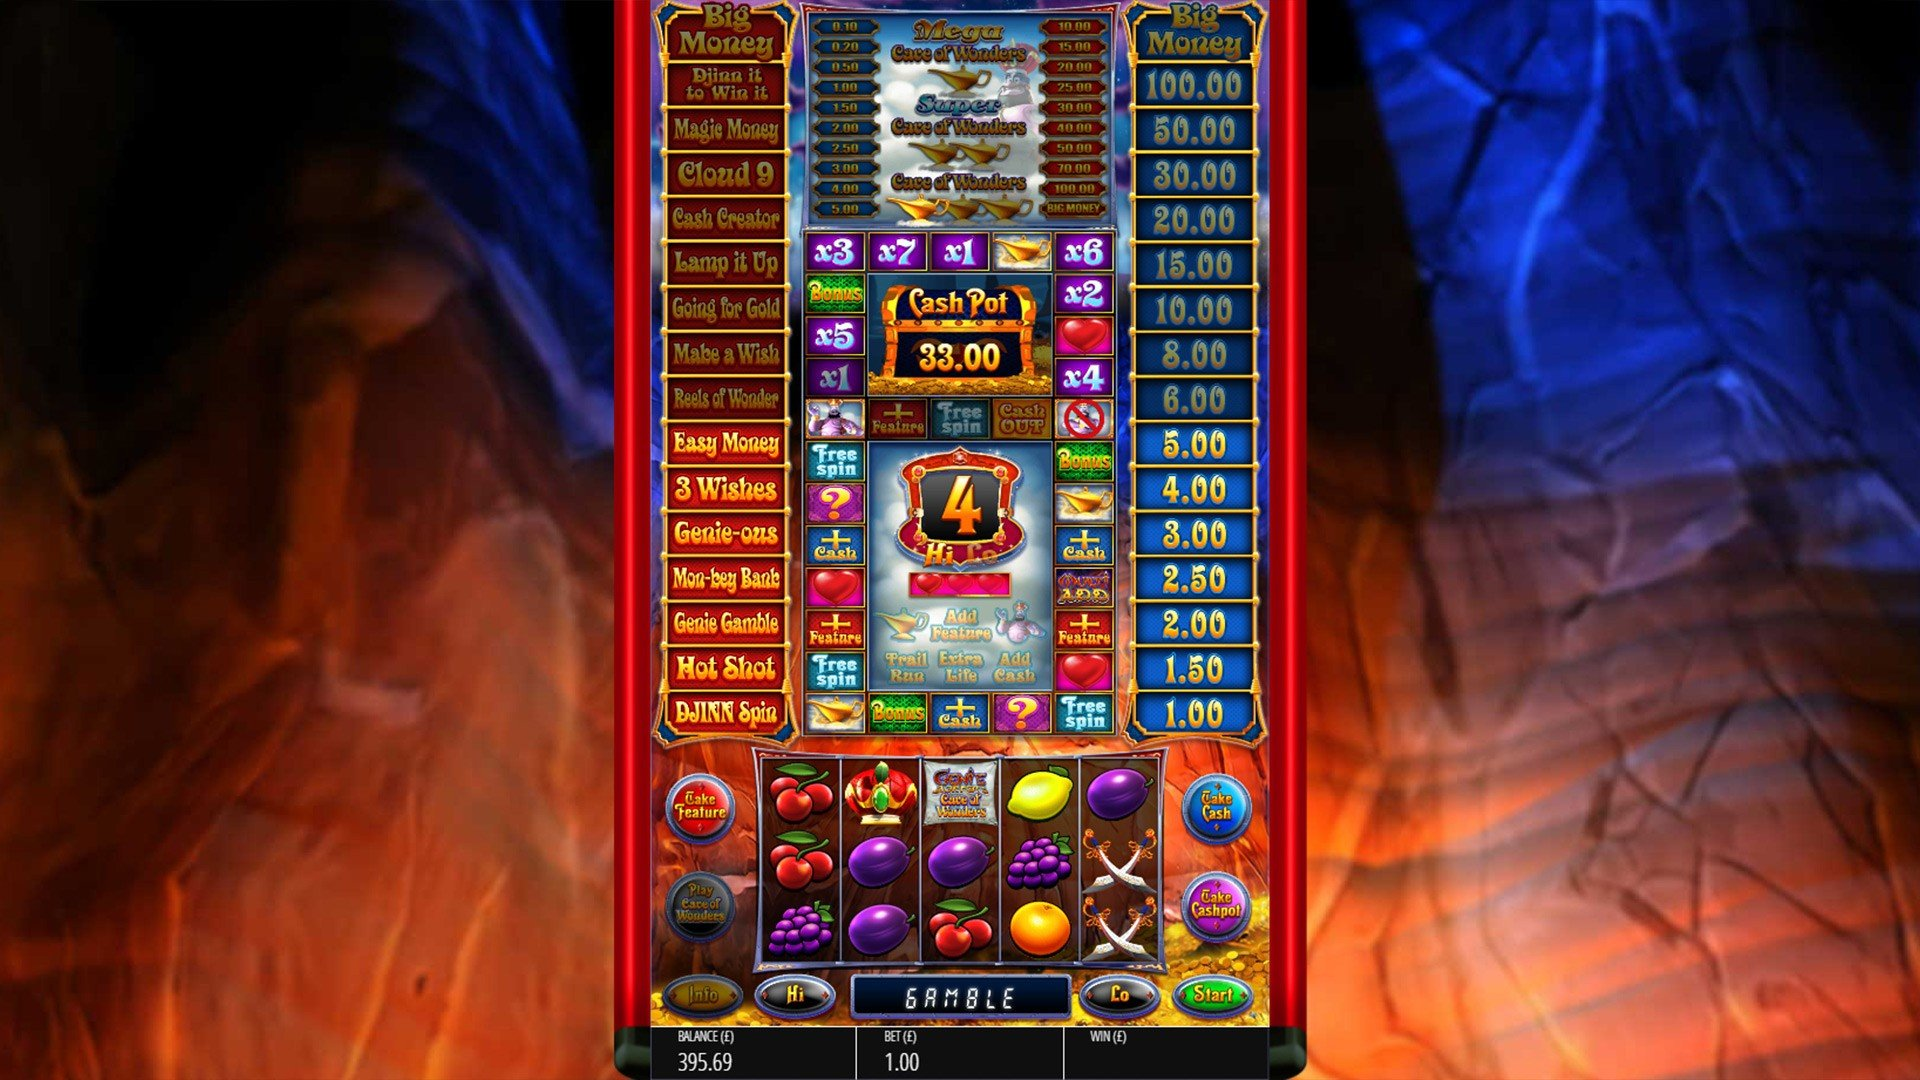 Genie Jackpots Cave Of Wonders Slots Reels